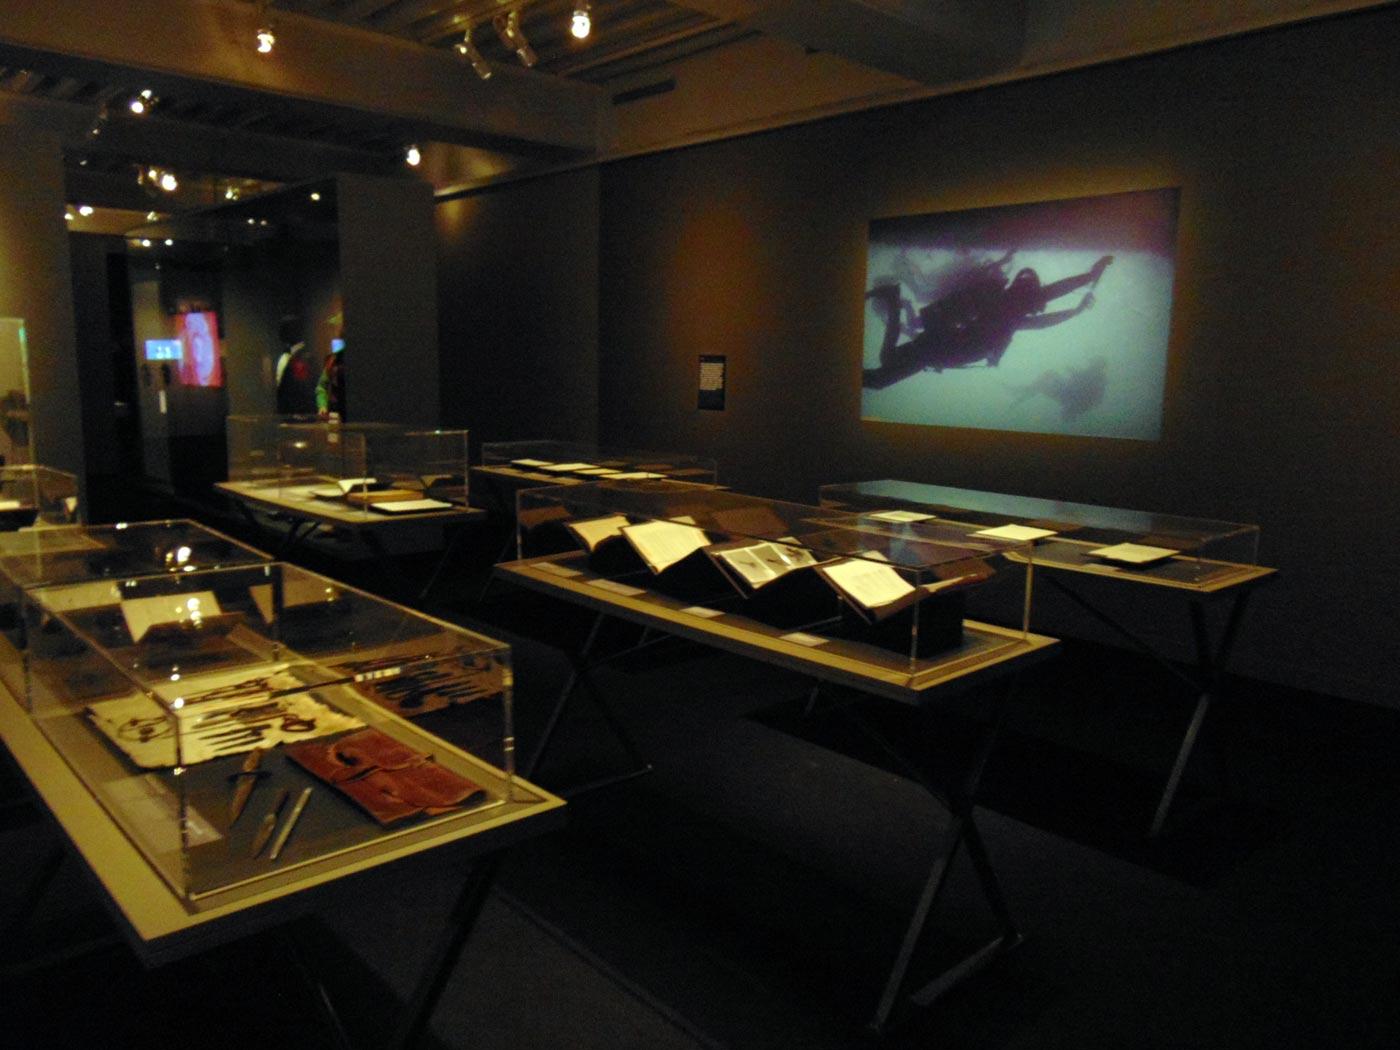 шпионская техника на выставке в музее